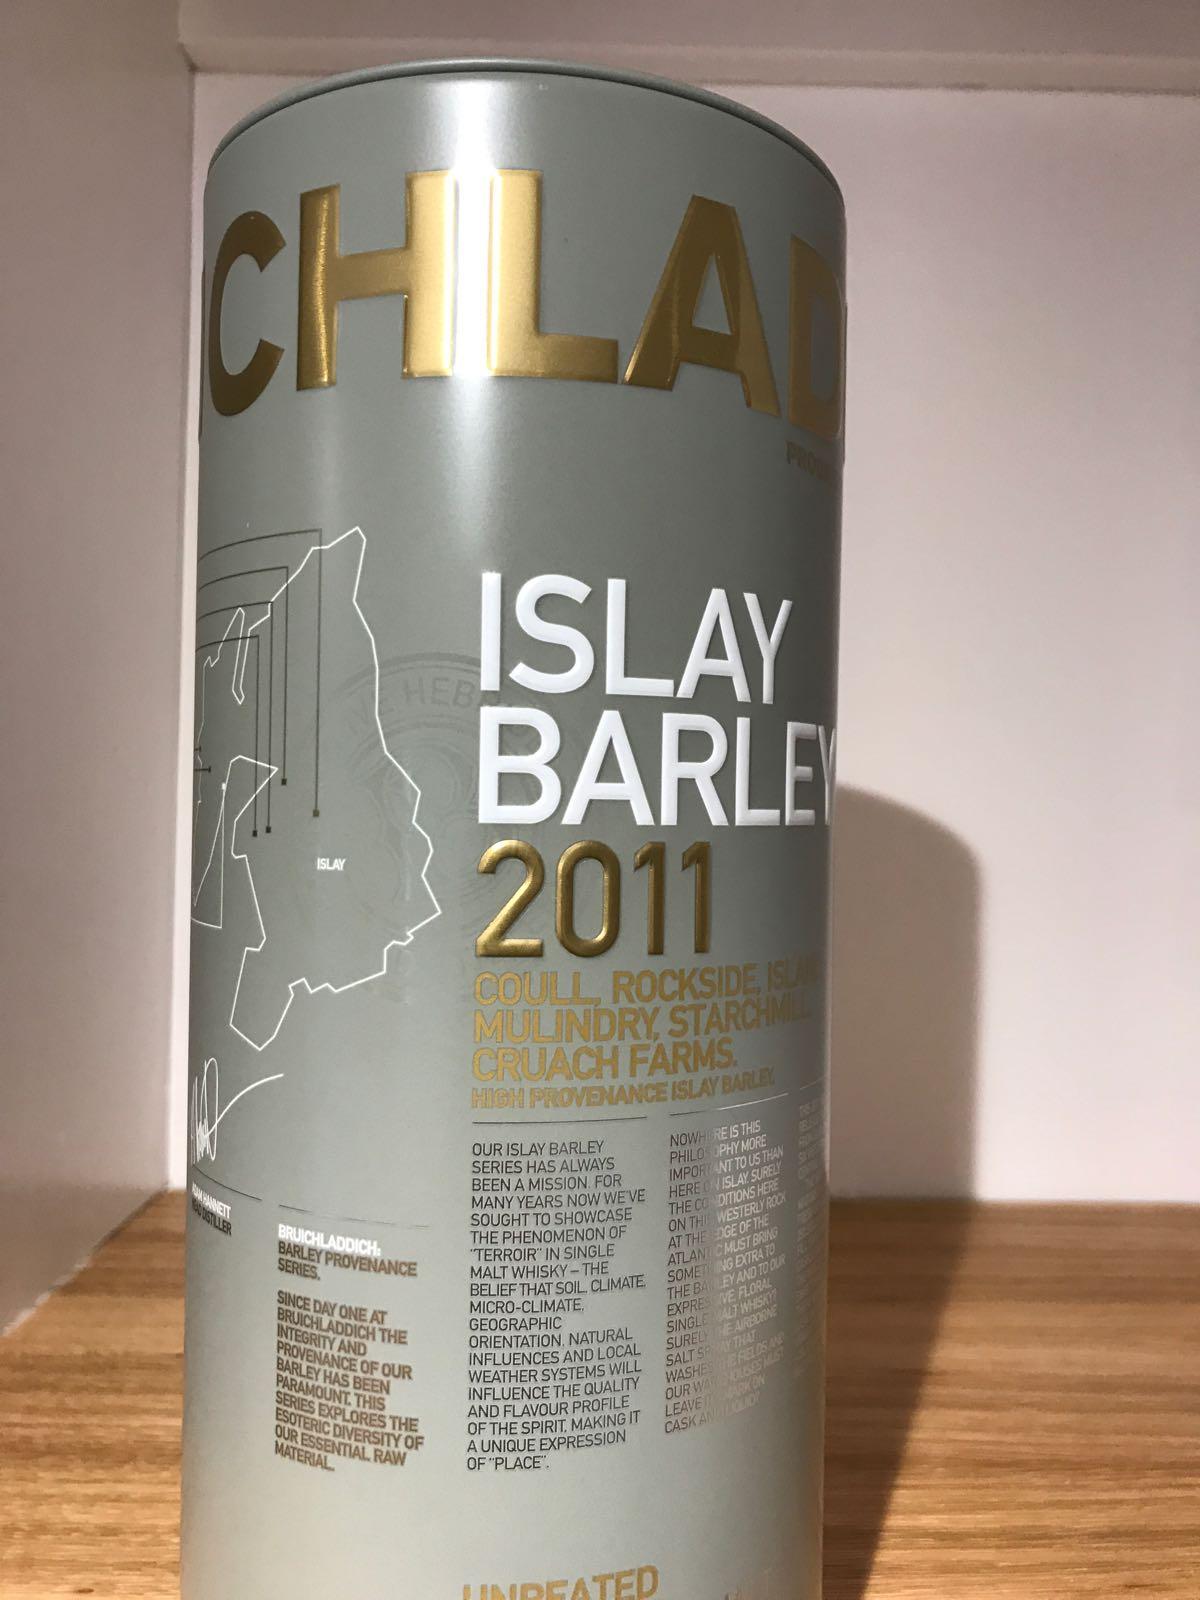 Bruichladdich: Islay Barley 2011